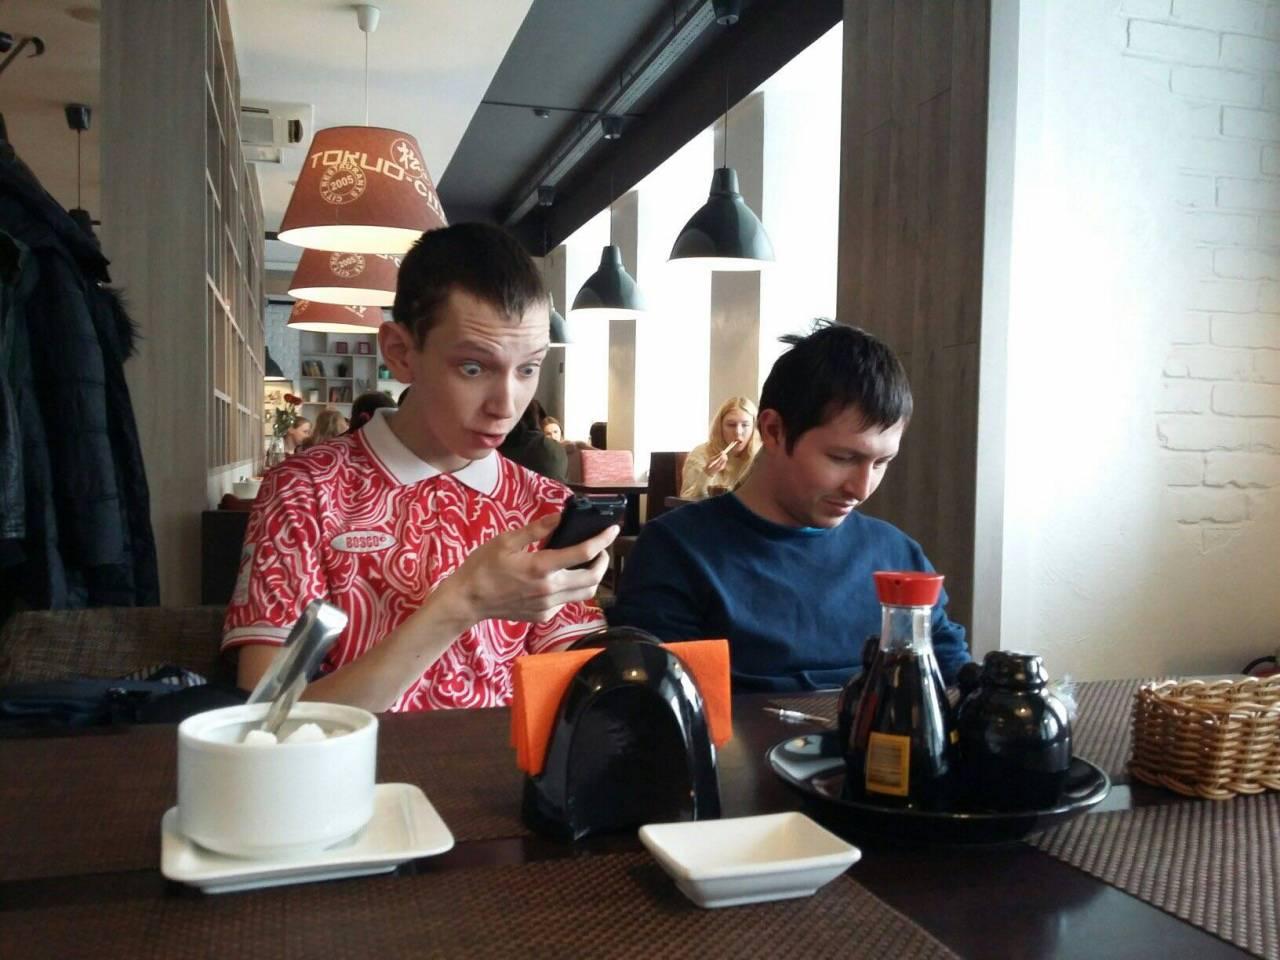 #перекус #tokio #еда #питер photo Vadim